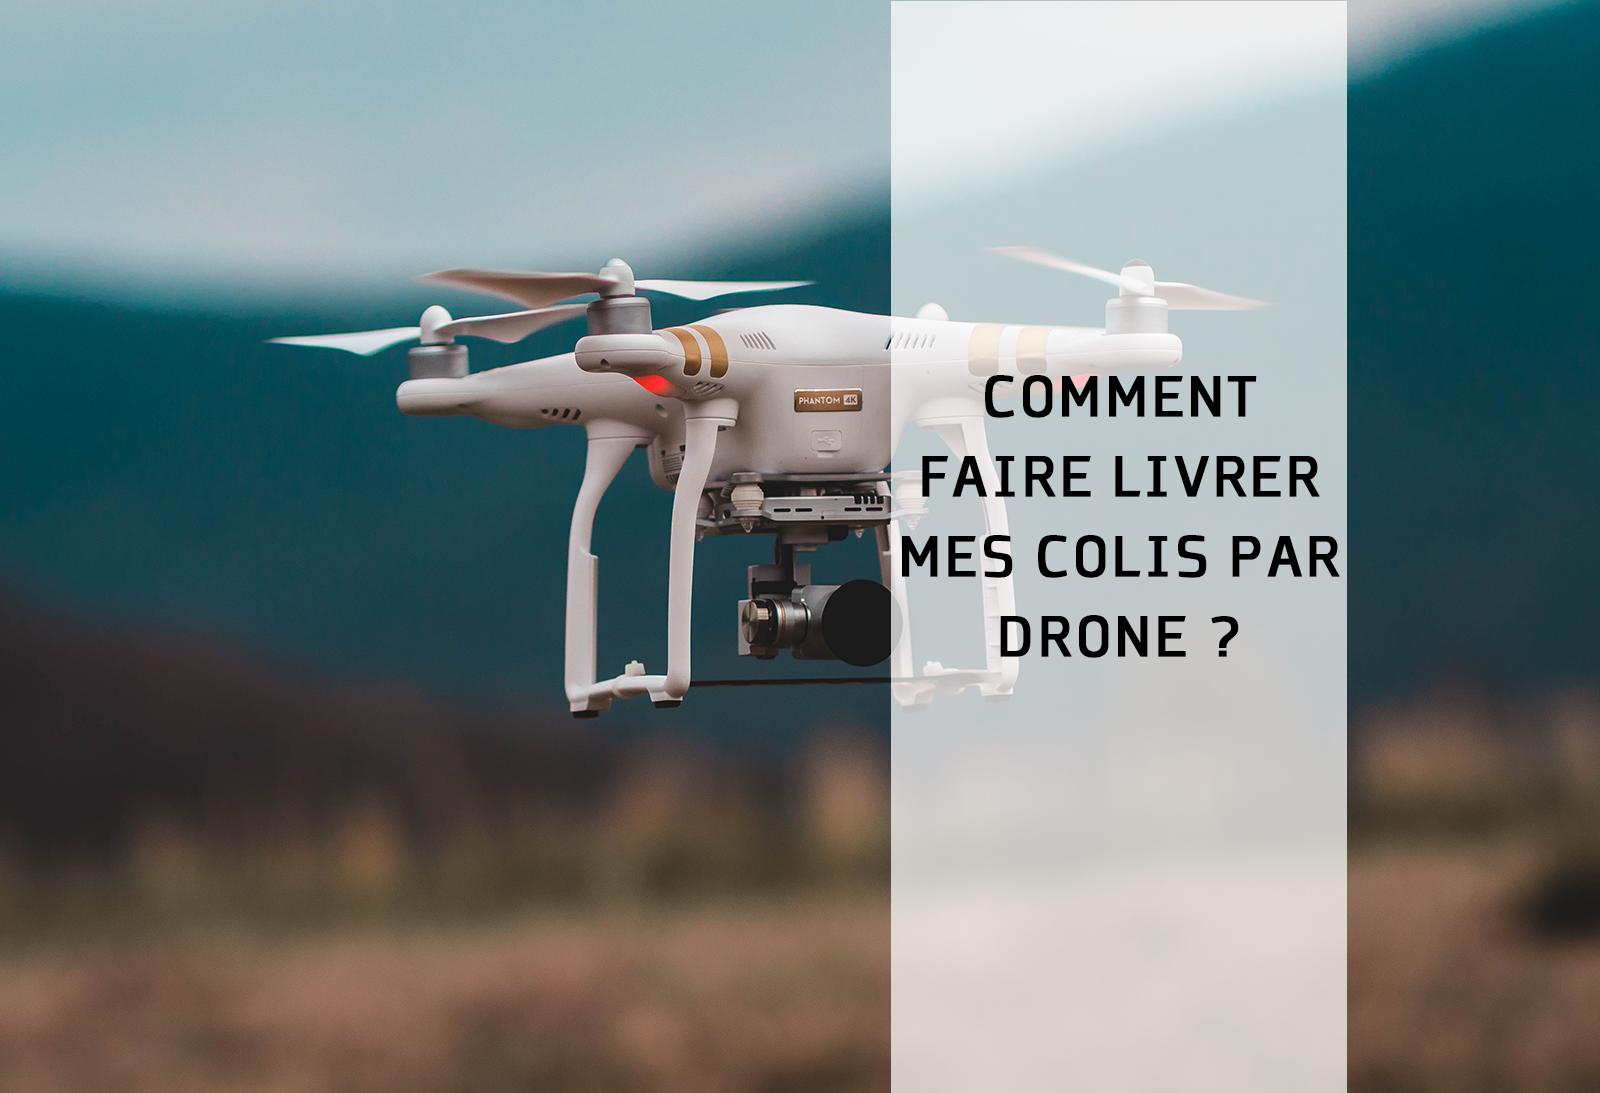 Comment Faire Livrer Mes Colis Par Drone